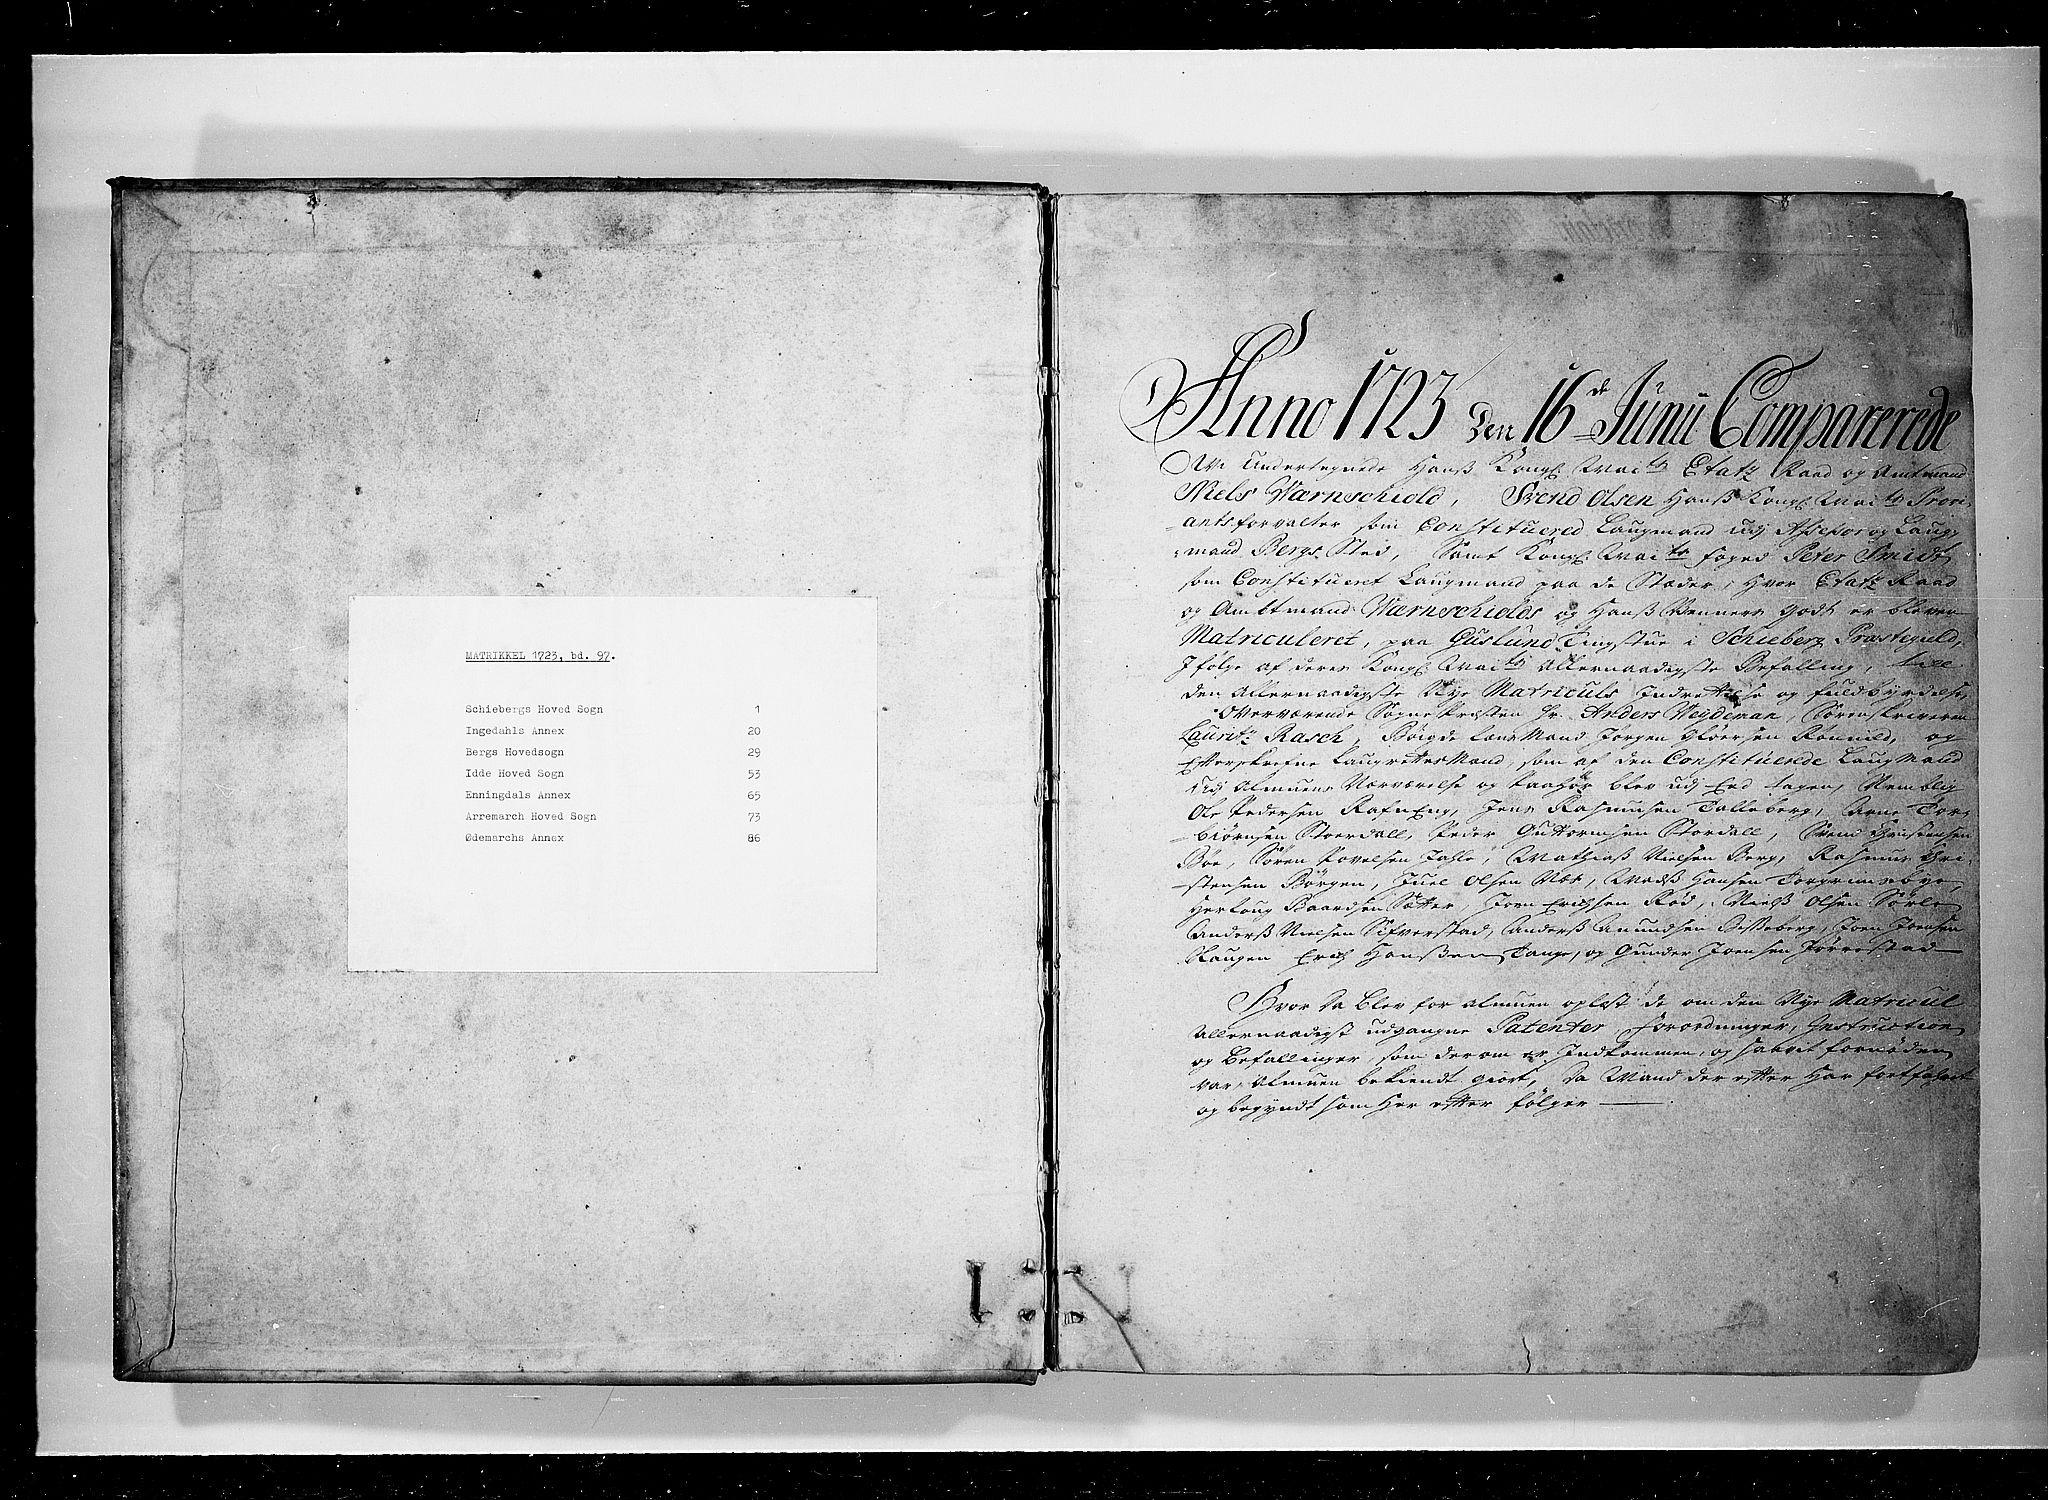 RA, Rentekammeret inntil 1814, Realistisk ordnet avdeling, N/Nb/Nbf/L0097: Idd og Marker eksaminasjonsprotokoll, 1723, s. upaginert